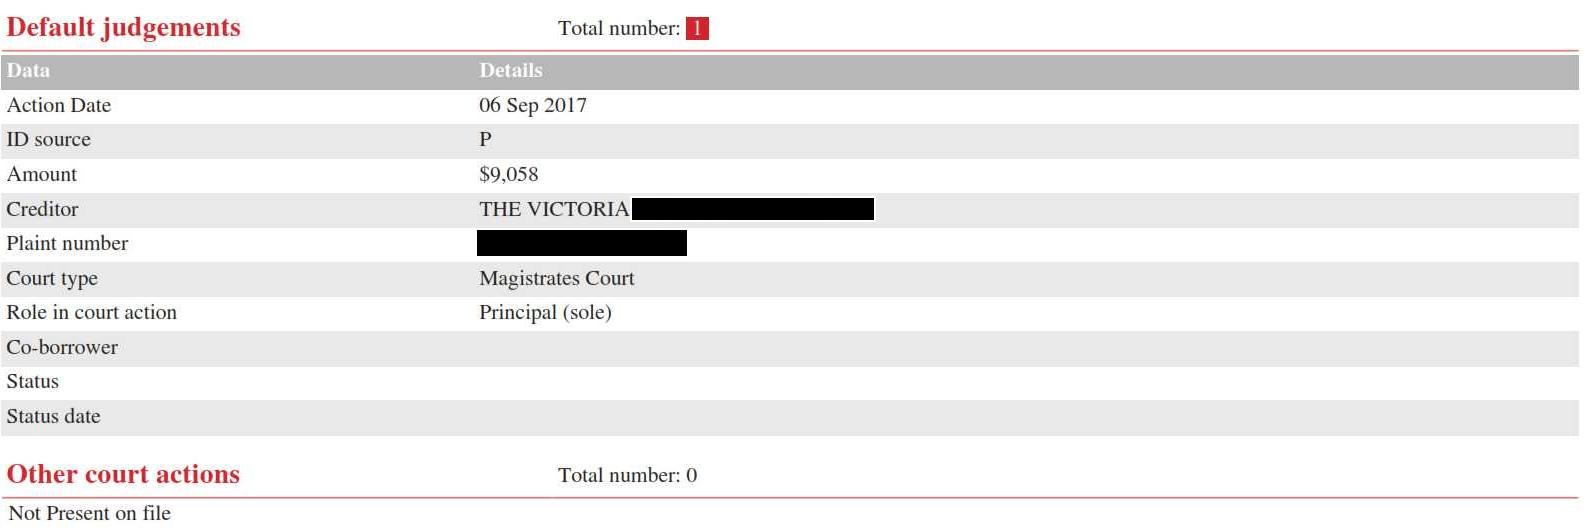 court-judgements-1